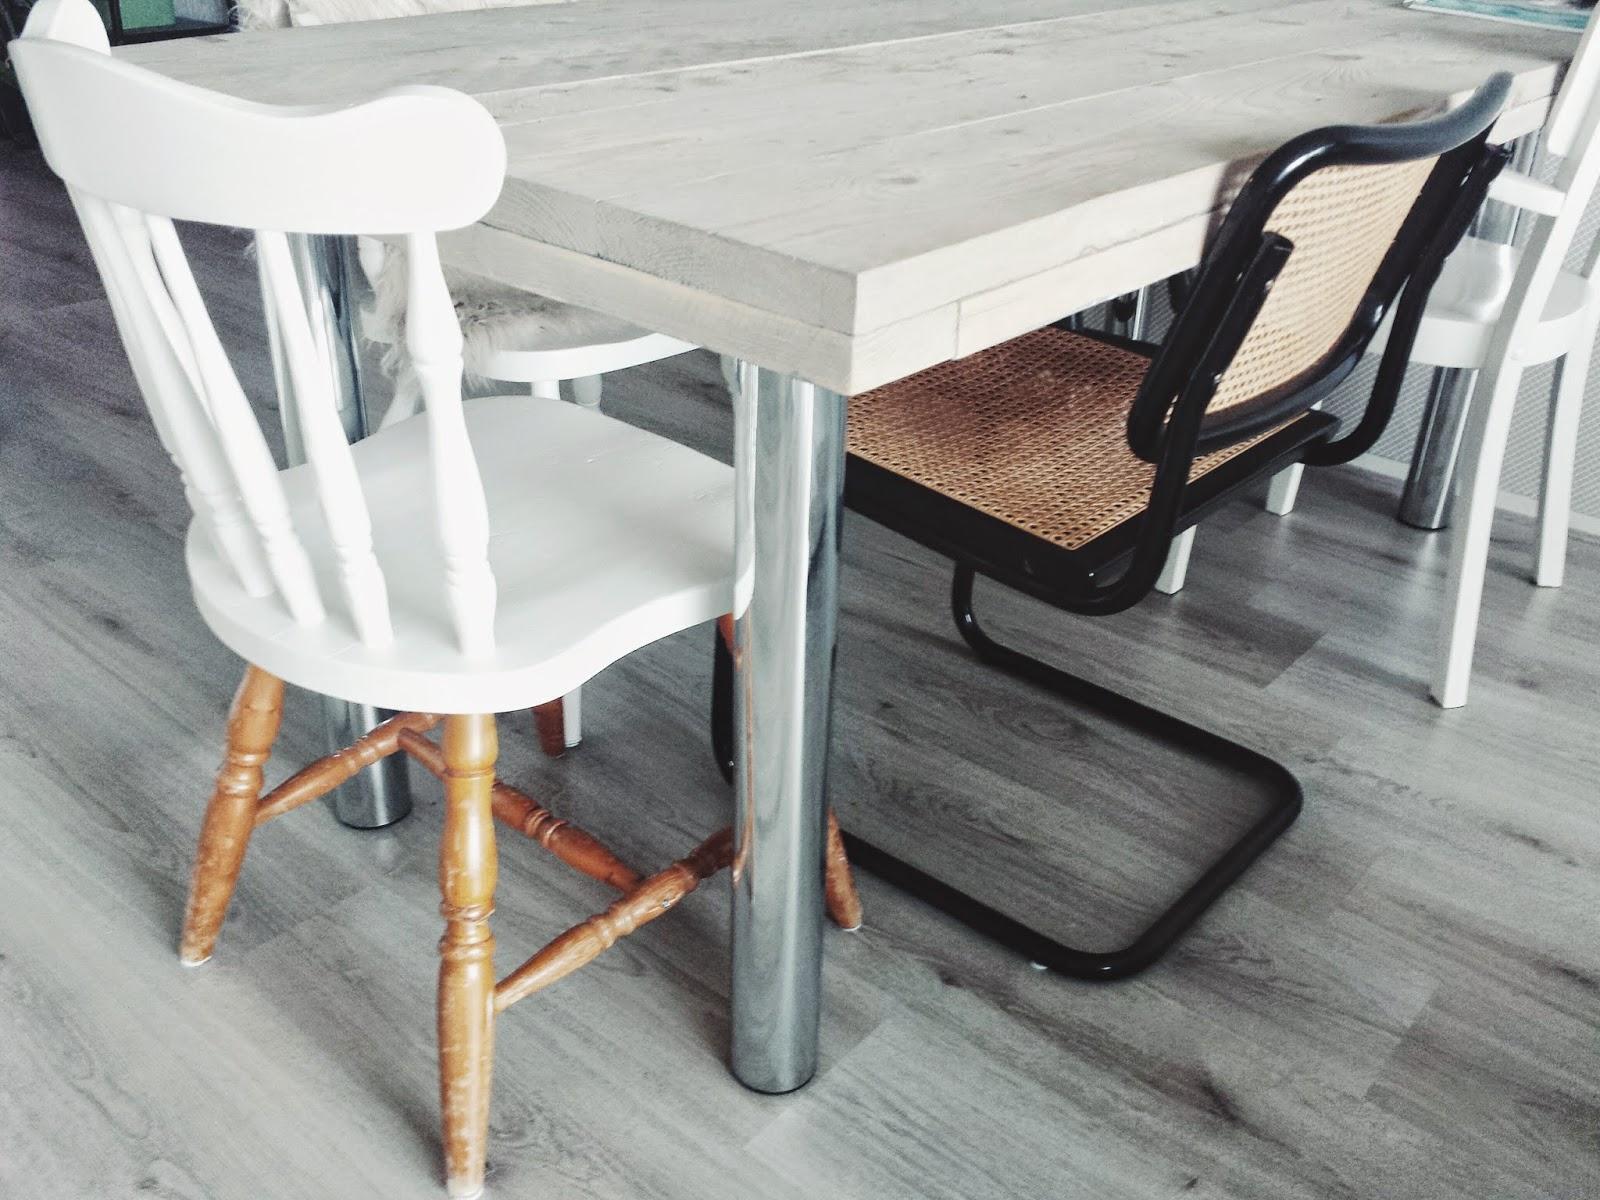 Eiken Keuken Verven Thuis : Op weg naar thuis Take a seat Stoelendans